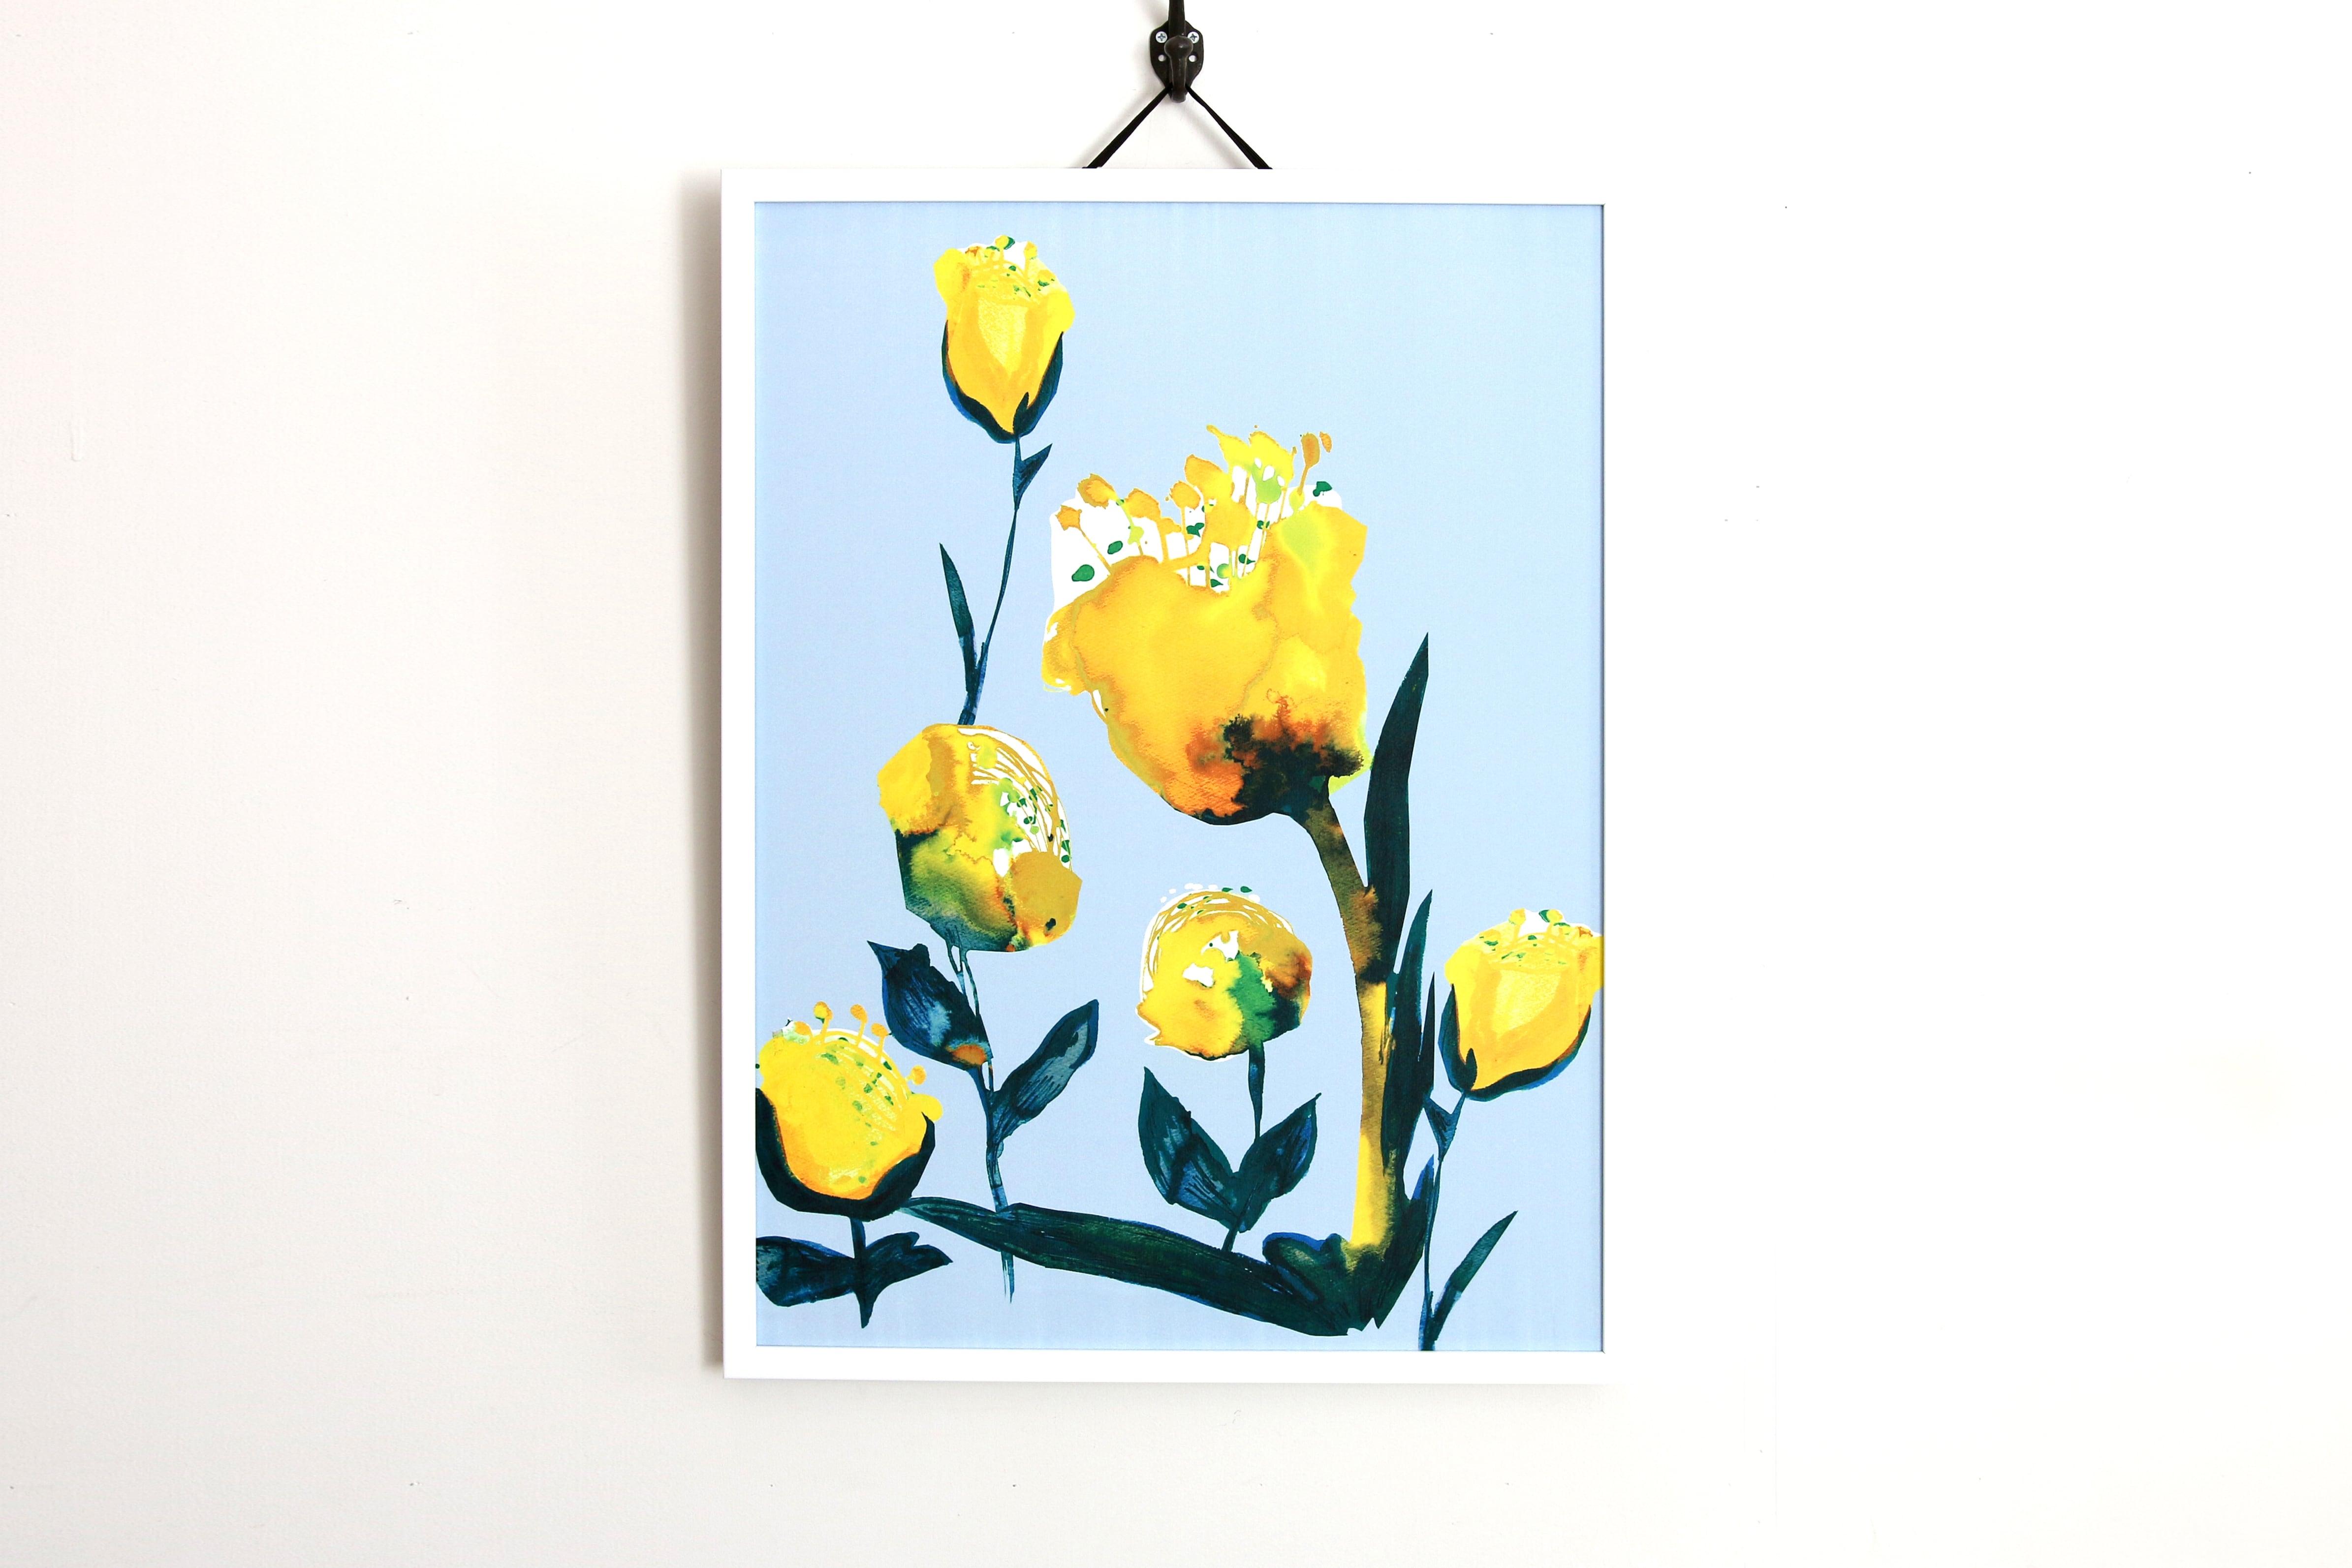 【アートフレーム】希望の花 -Natural-